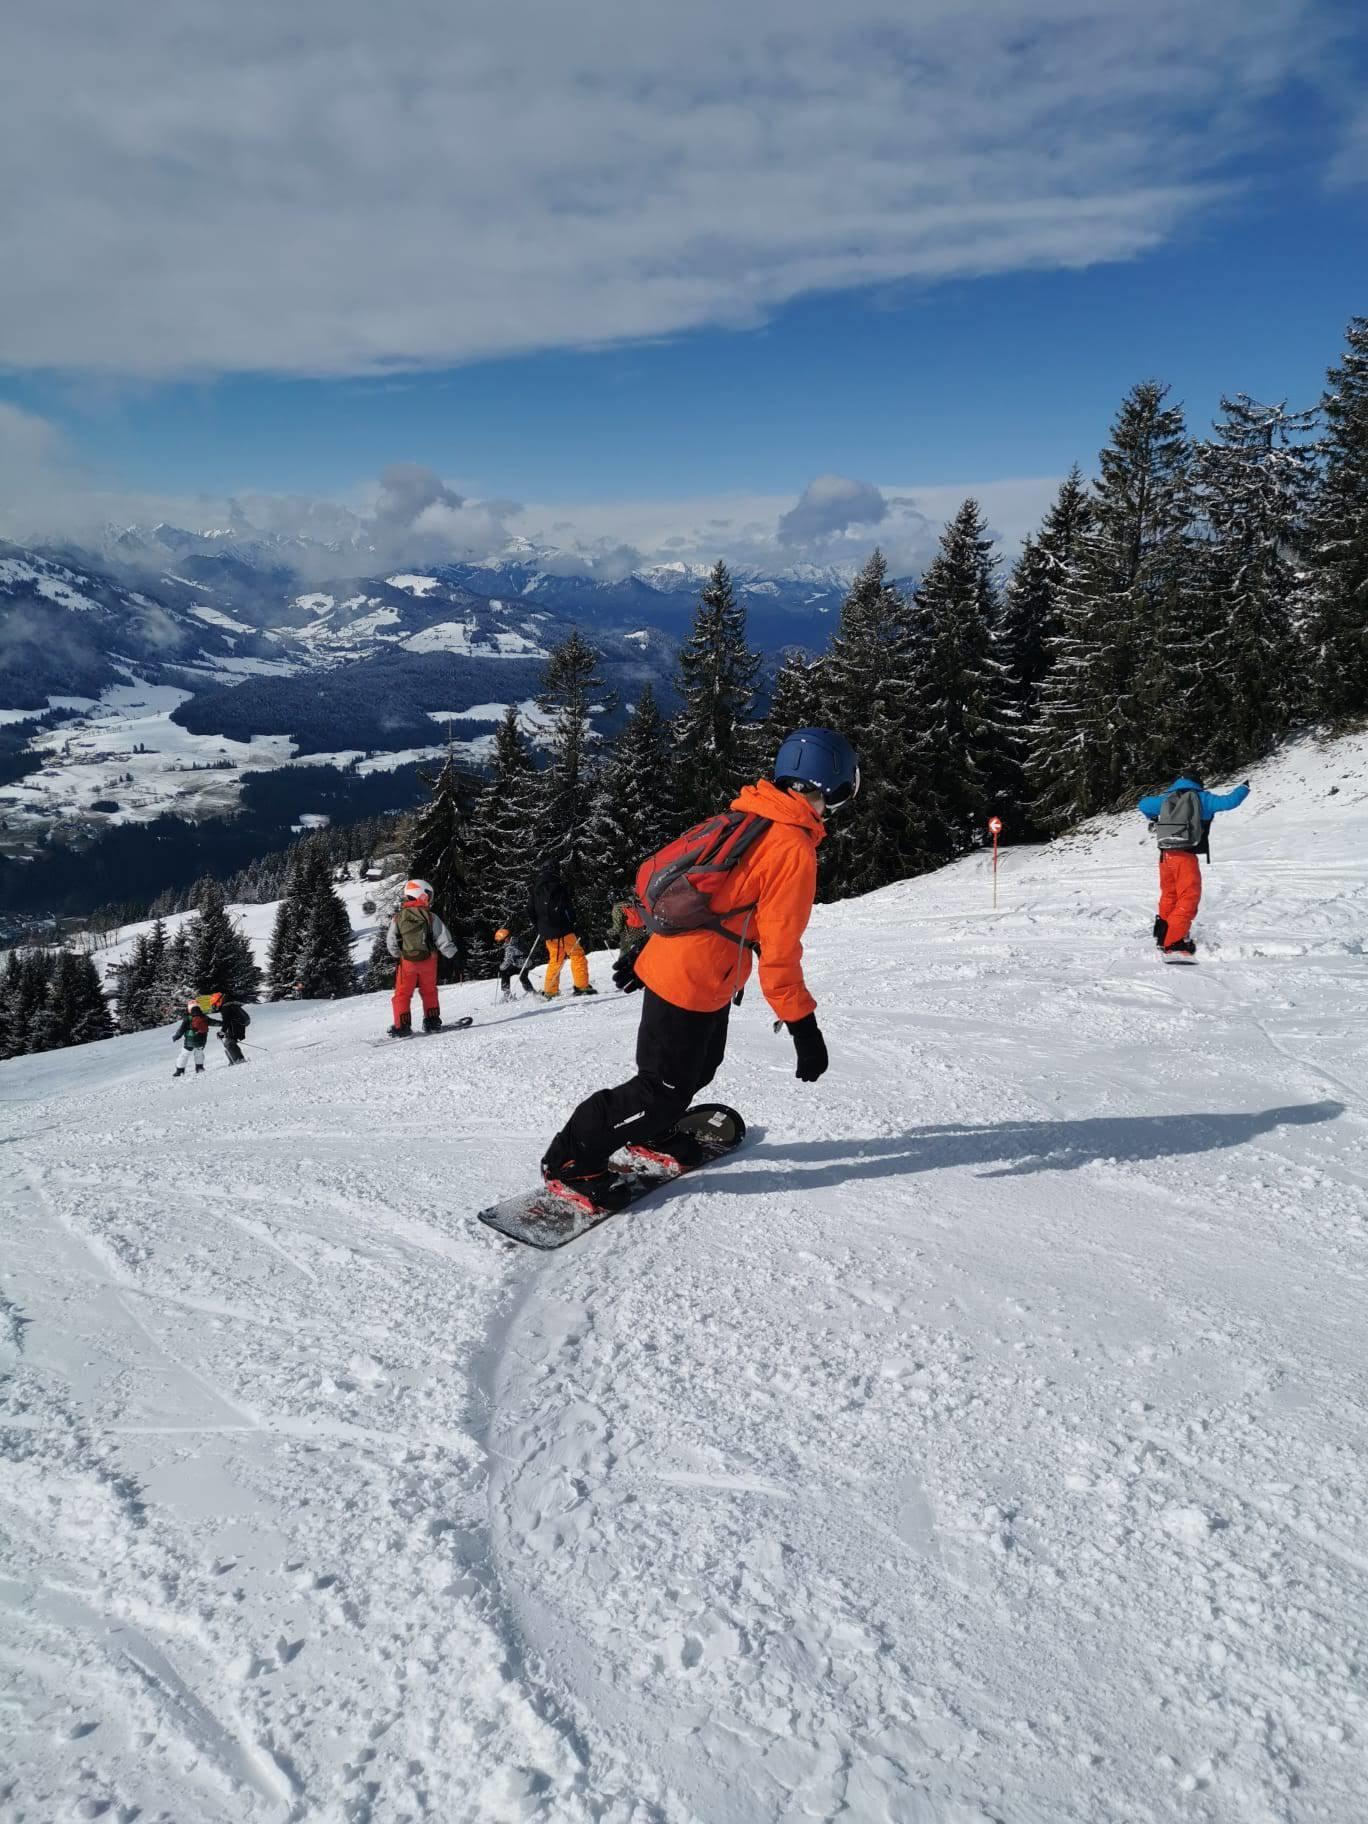 [2022] Vier skigebieden in één skipas! (skiën) - Krokus - Mariapfarr